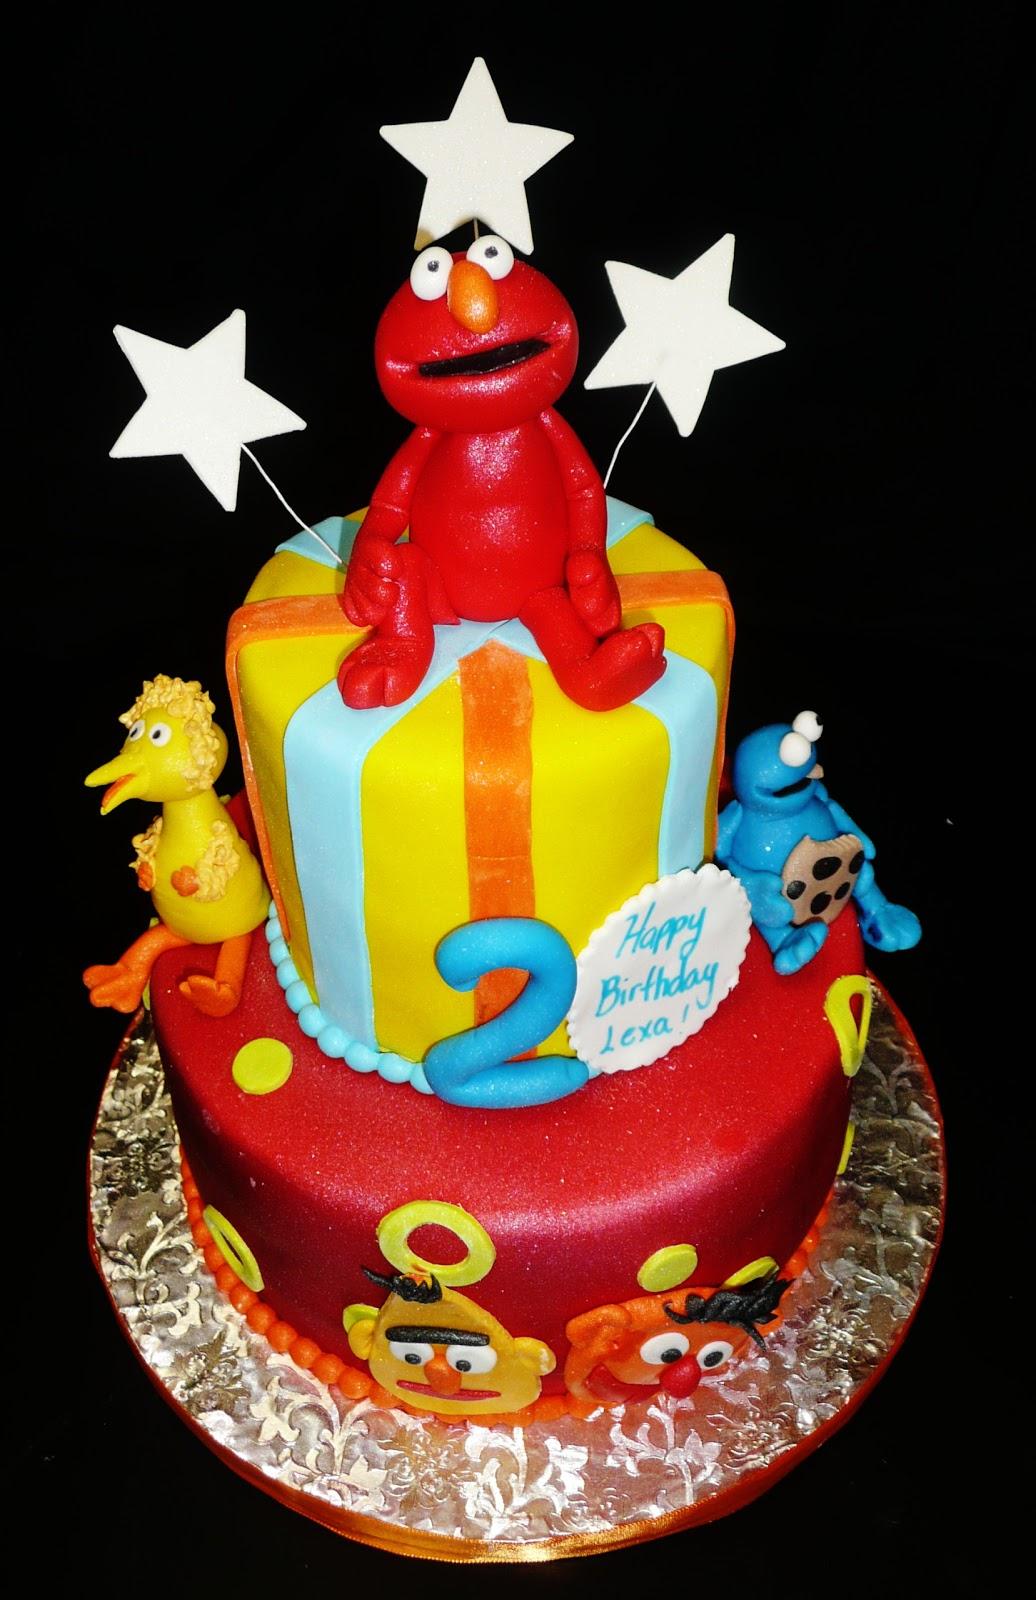 11 Photos of Elmo Themed Cakes